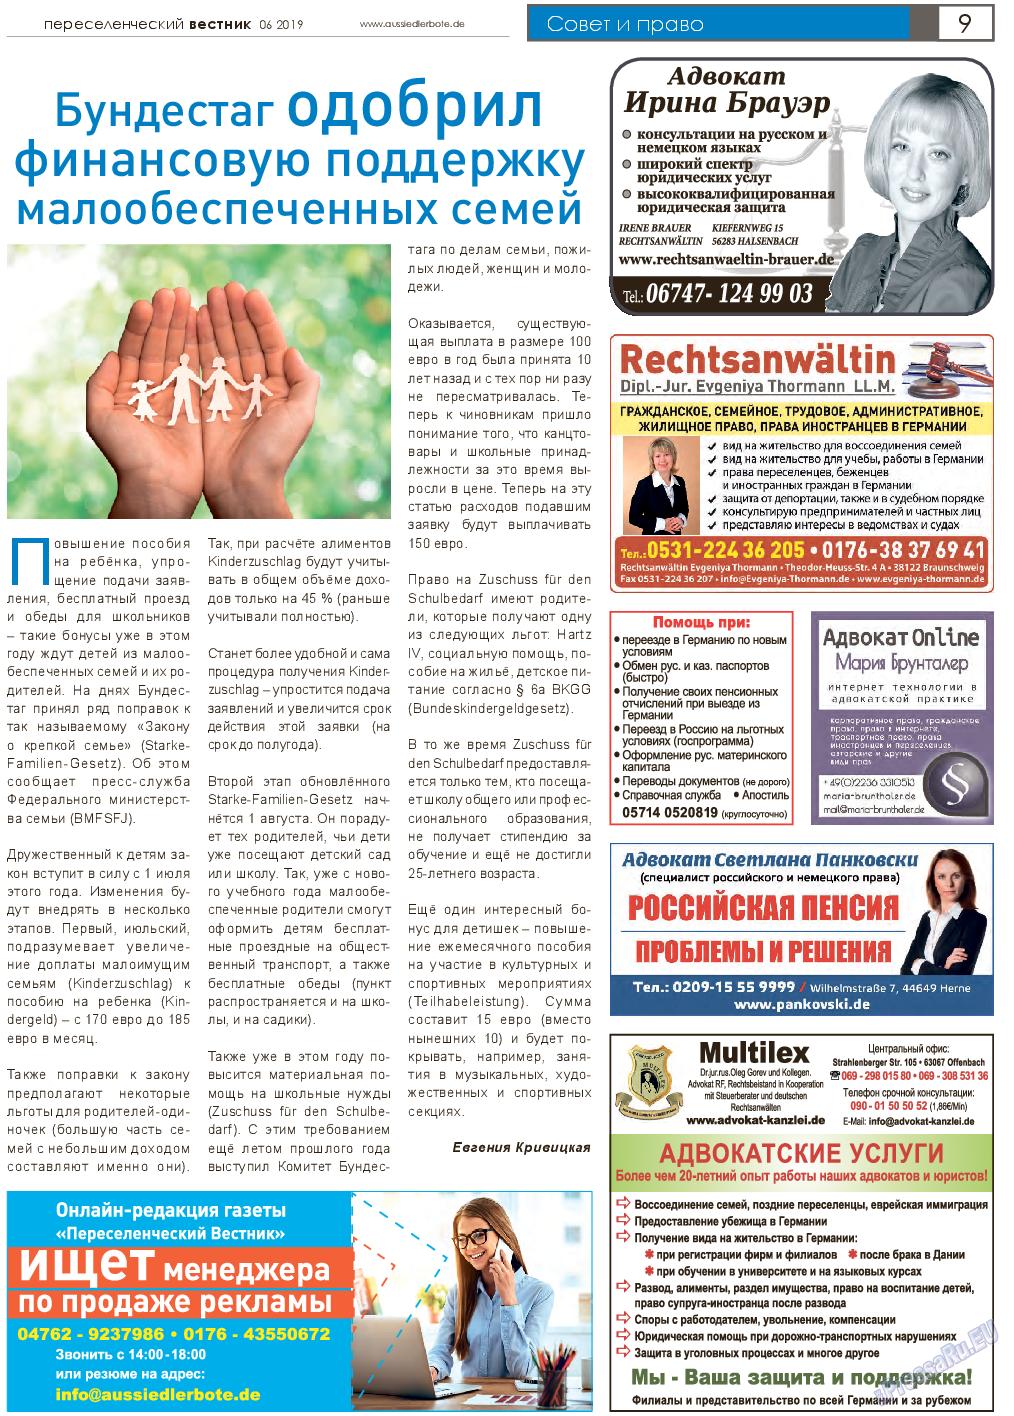 Переселенческий вестник (газета). 2019 год, номер 6, стр. 9